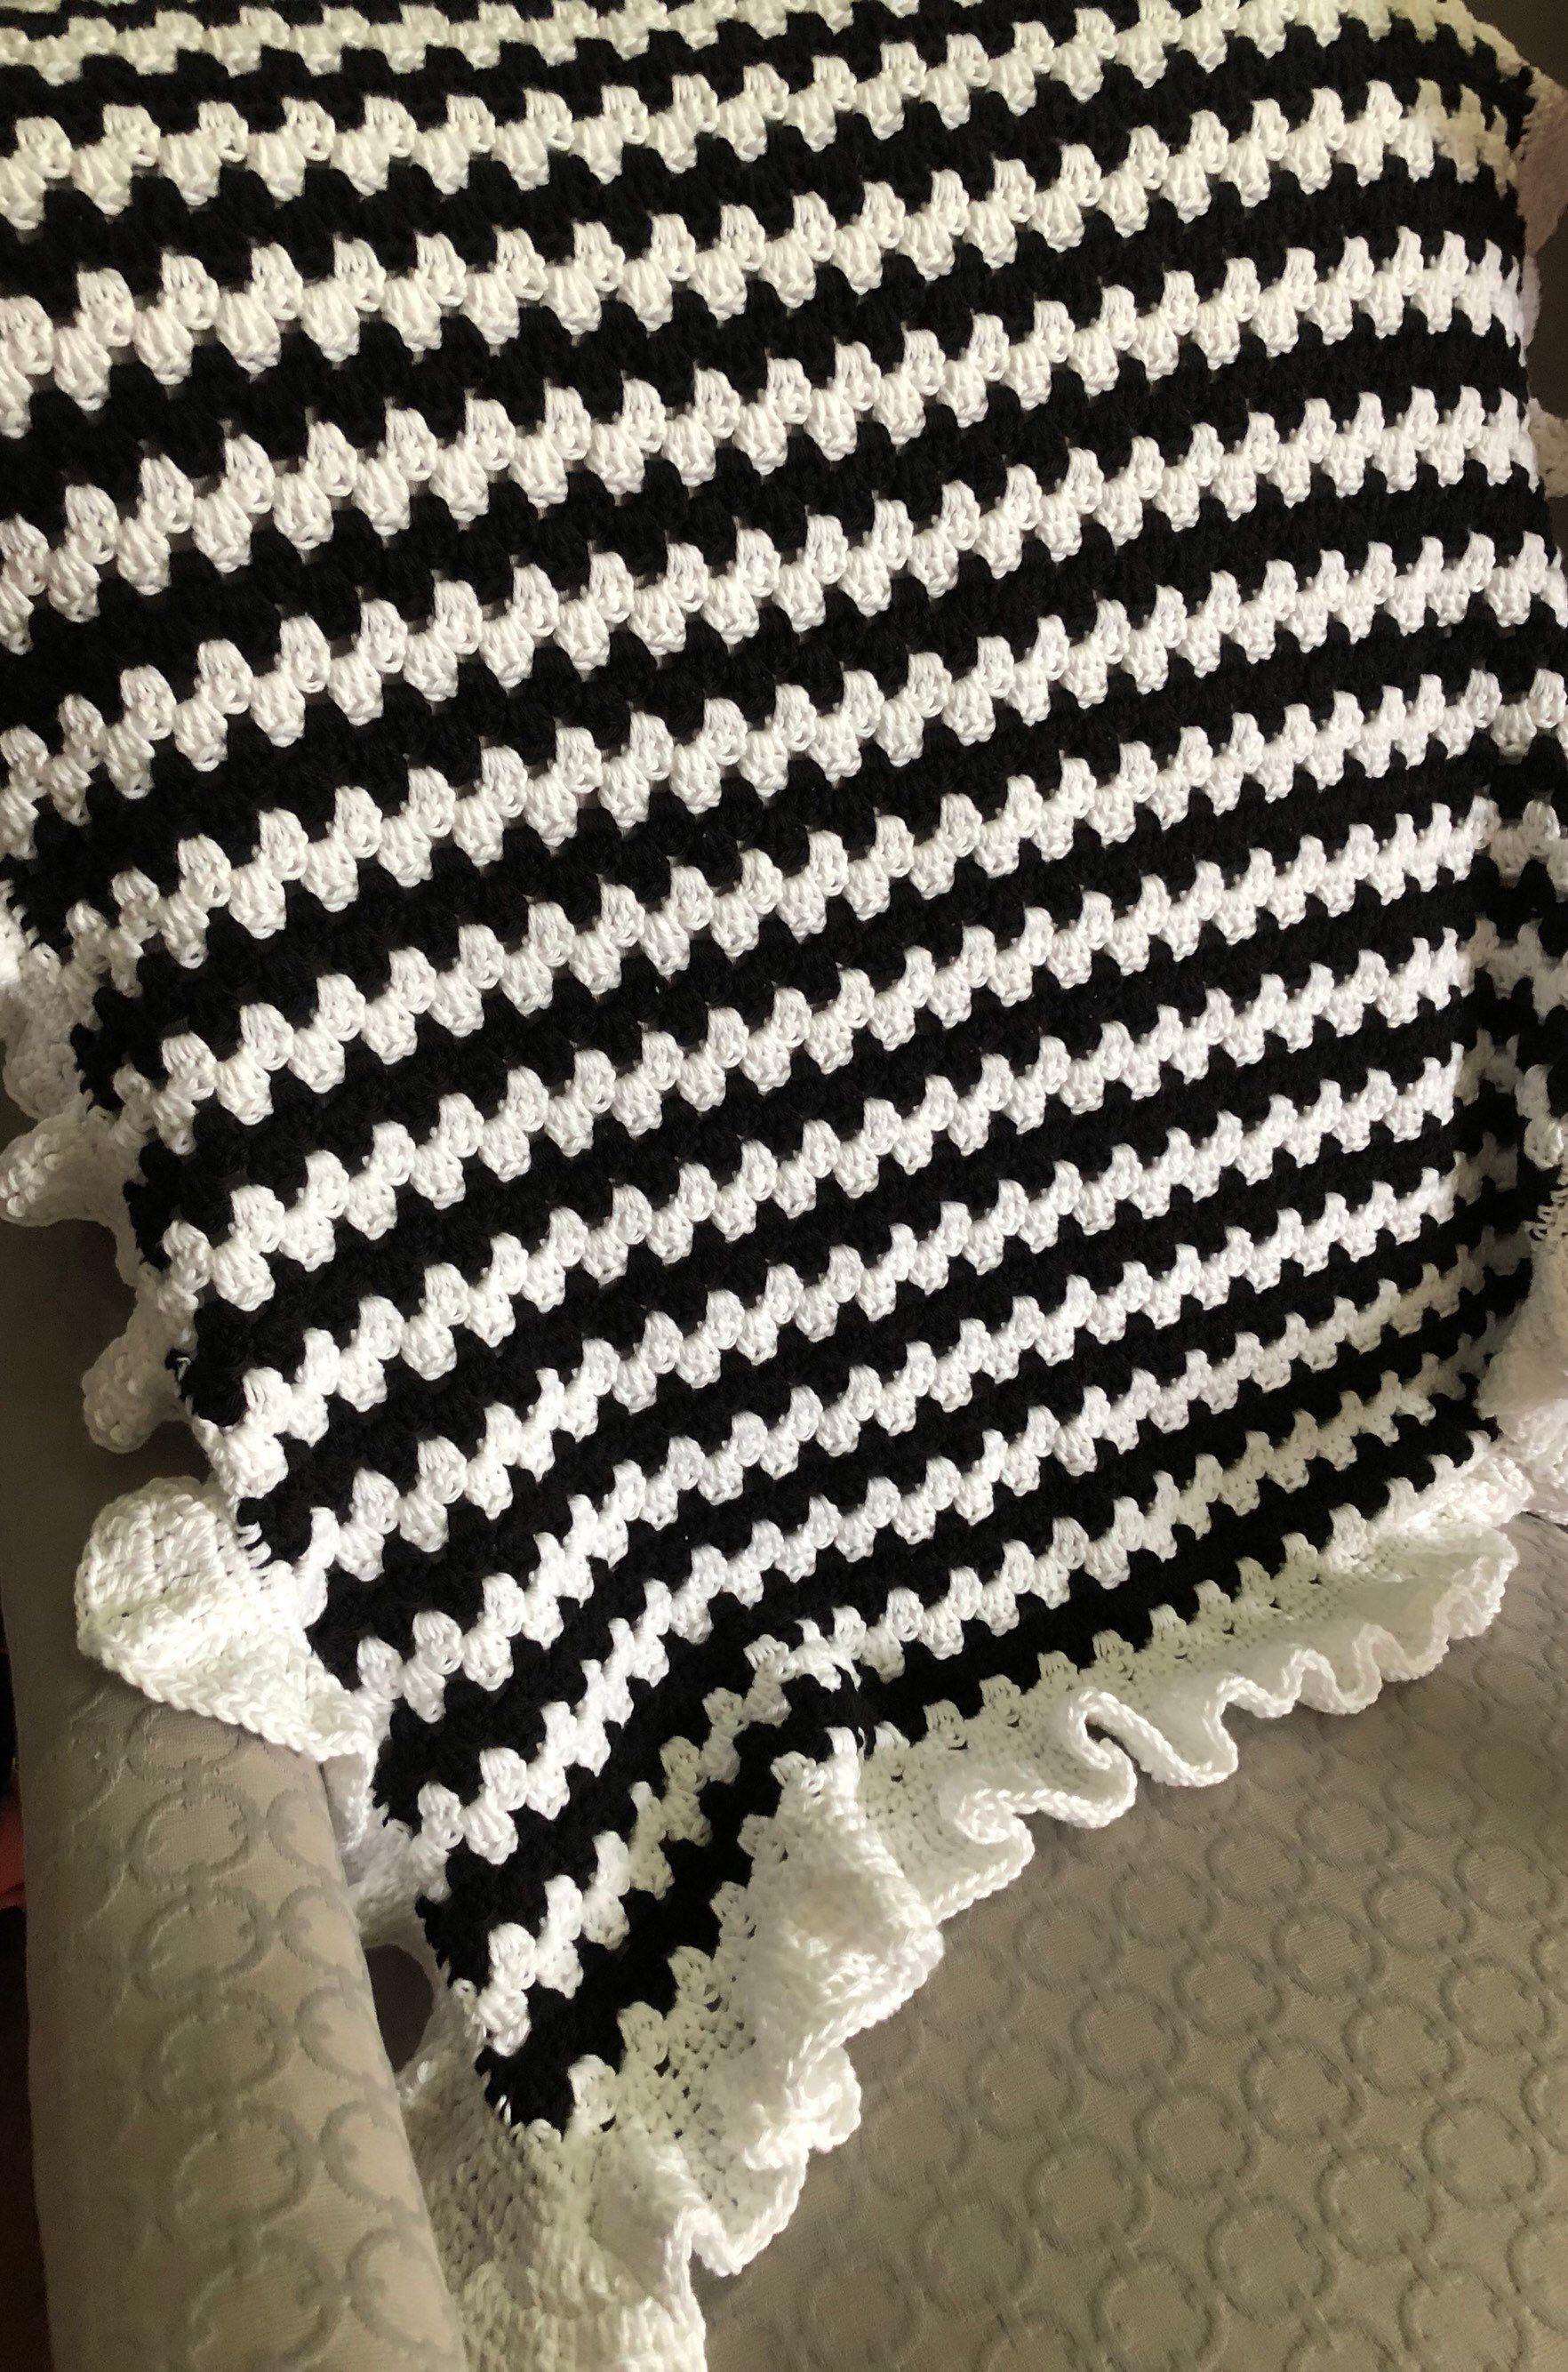 Black And White Blanket Crochet Baby Blanket Granny Stripe Etsy Striped Crochet Blanket Baby Blanket Crochet Crochet Blanket Granny Stripe